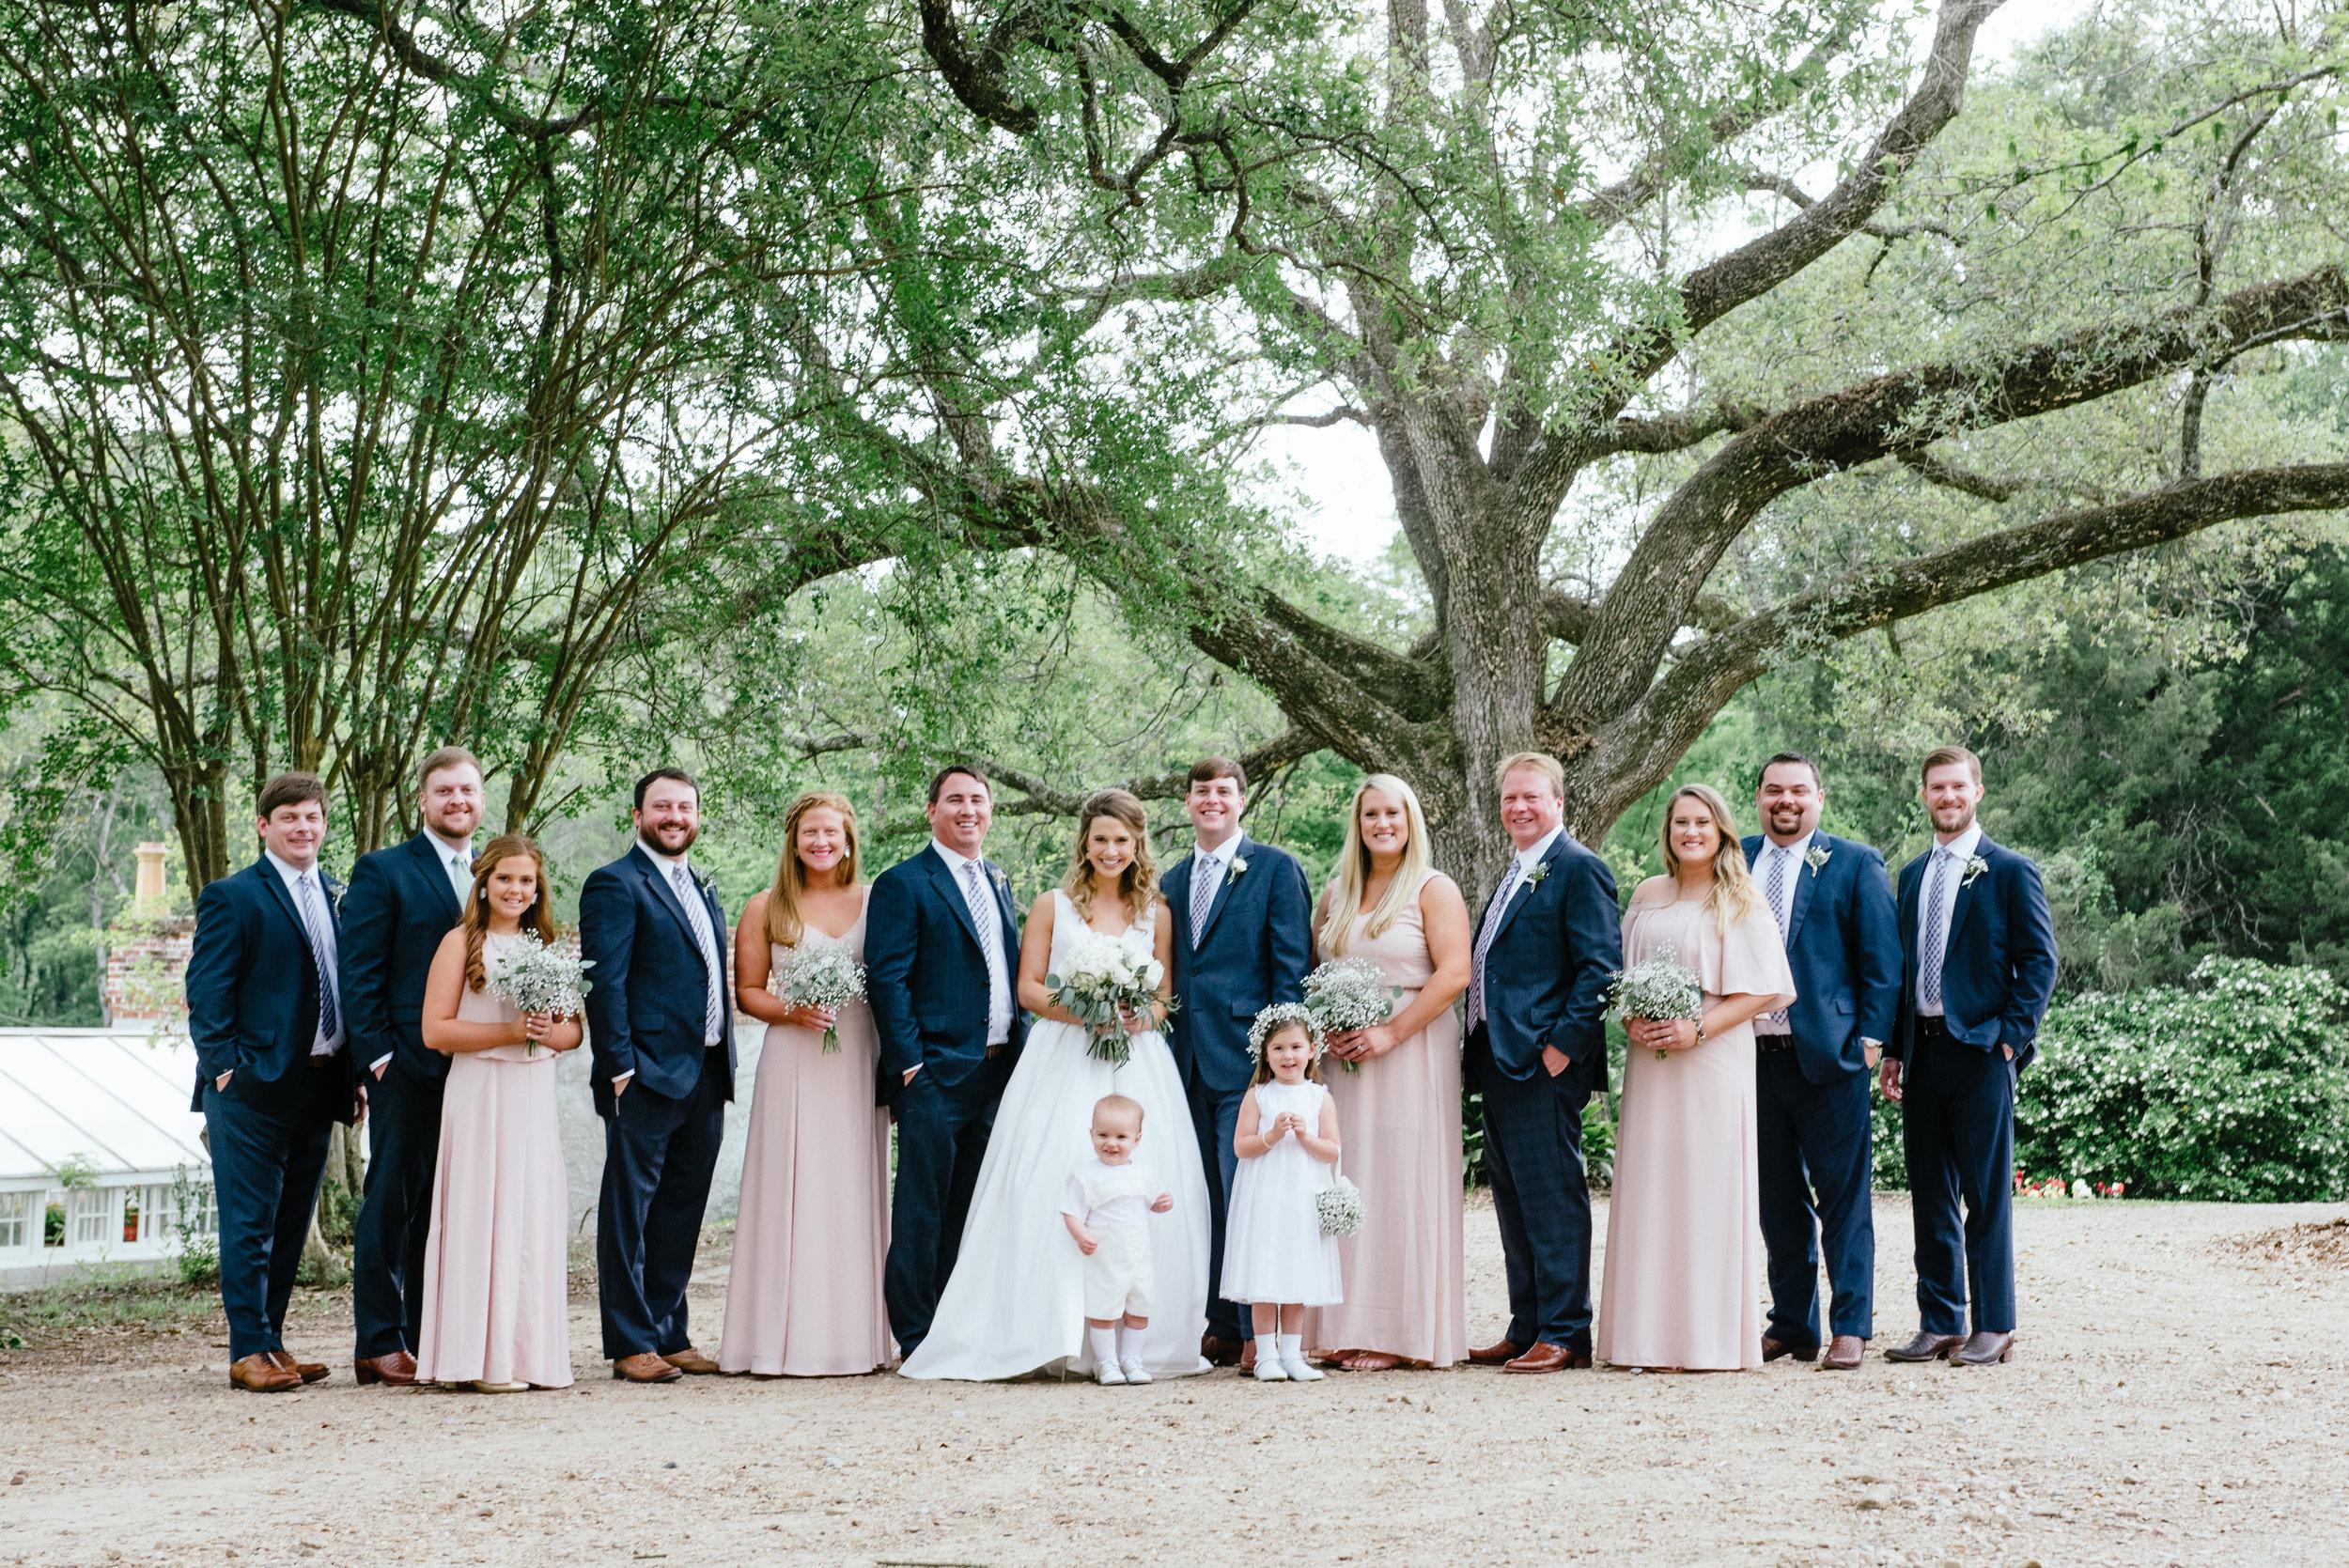 Wedding Dunleith Plantation Natchez Mississippi Wedding Photographer